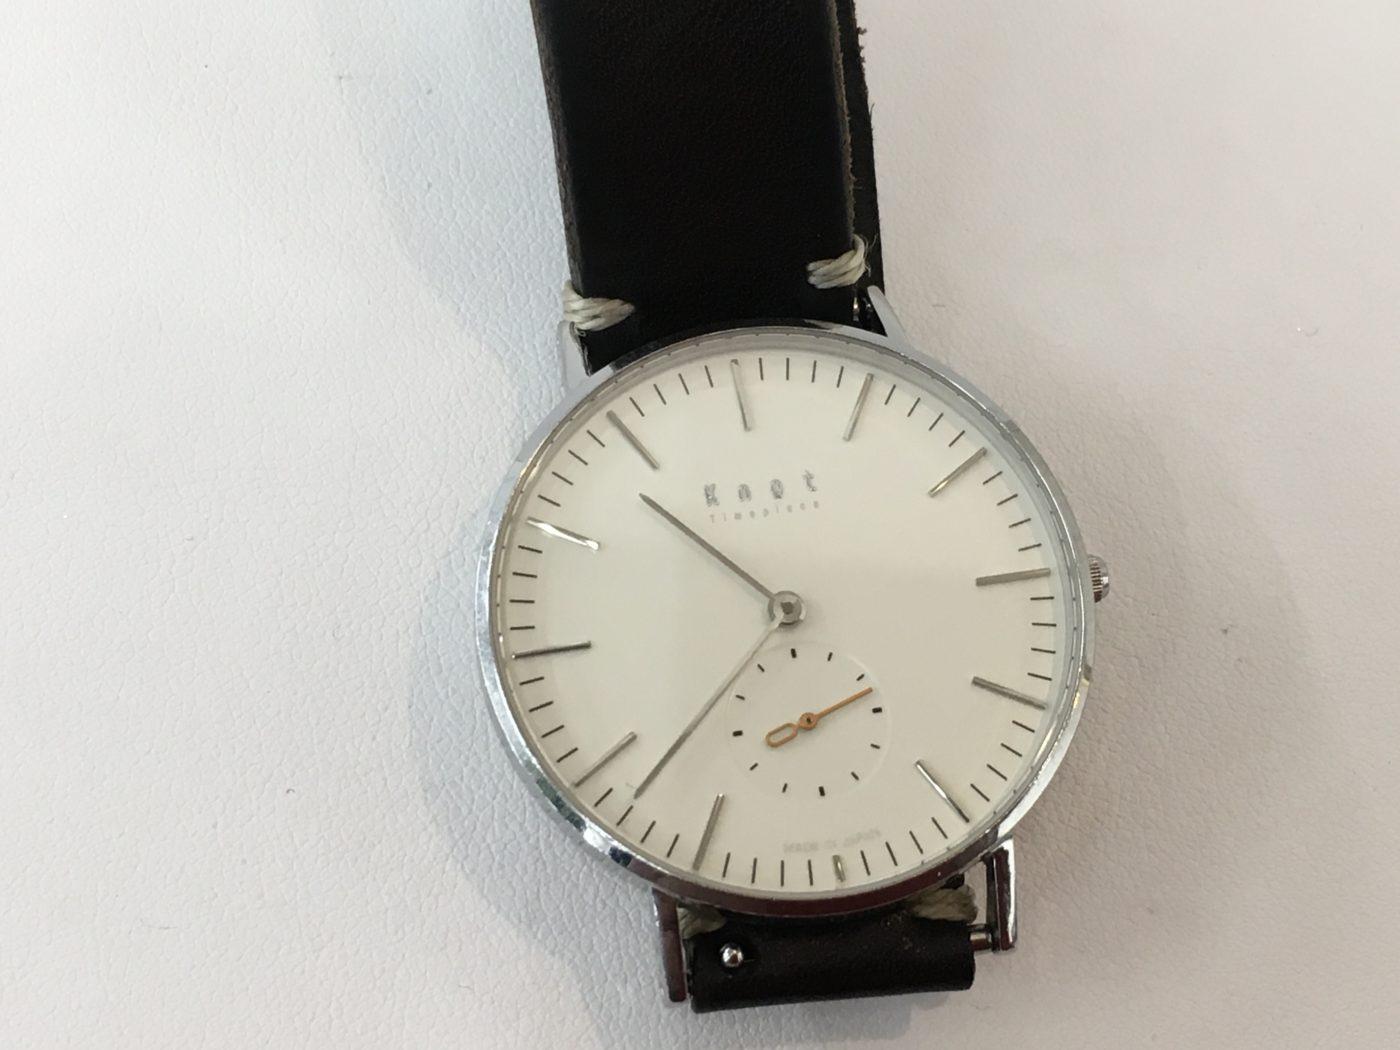 Knot シンプル ウォッチ 腕時計 電池交換 サファイアクリスタル 山梨県